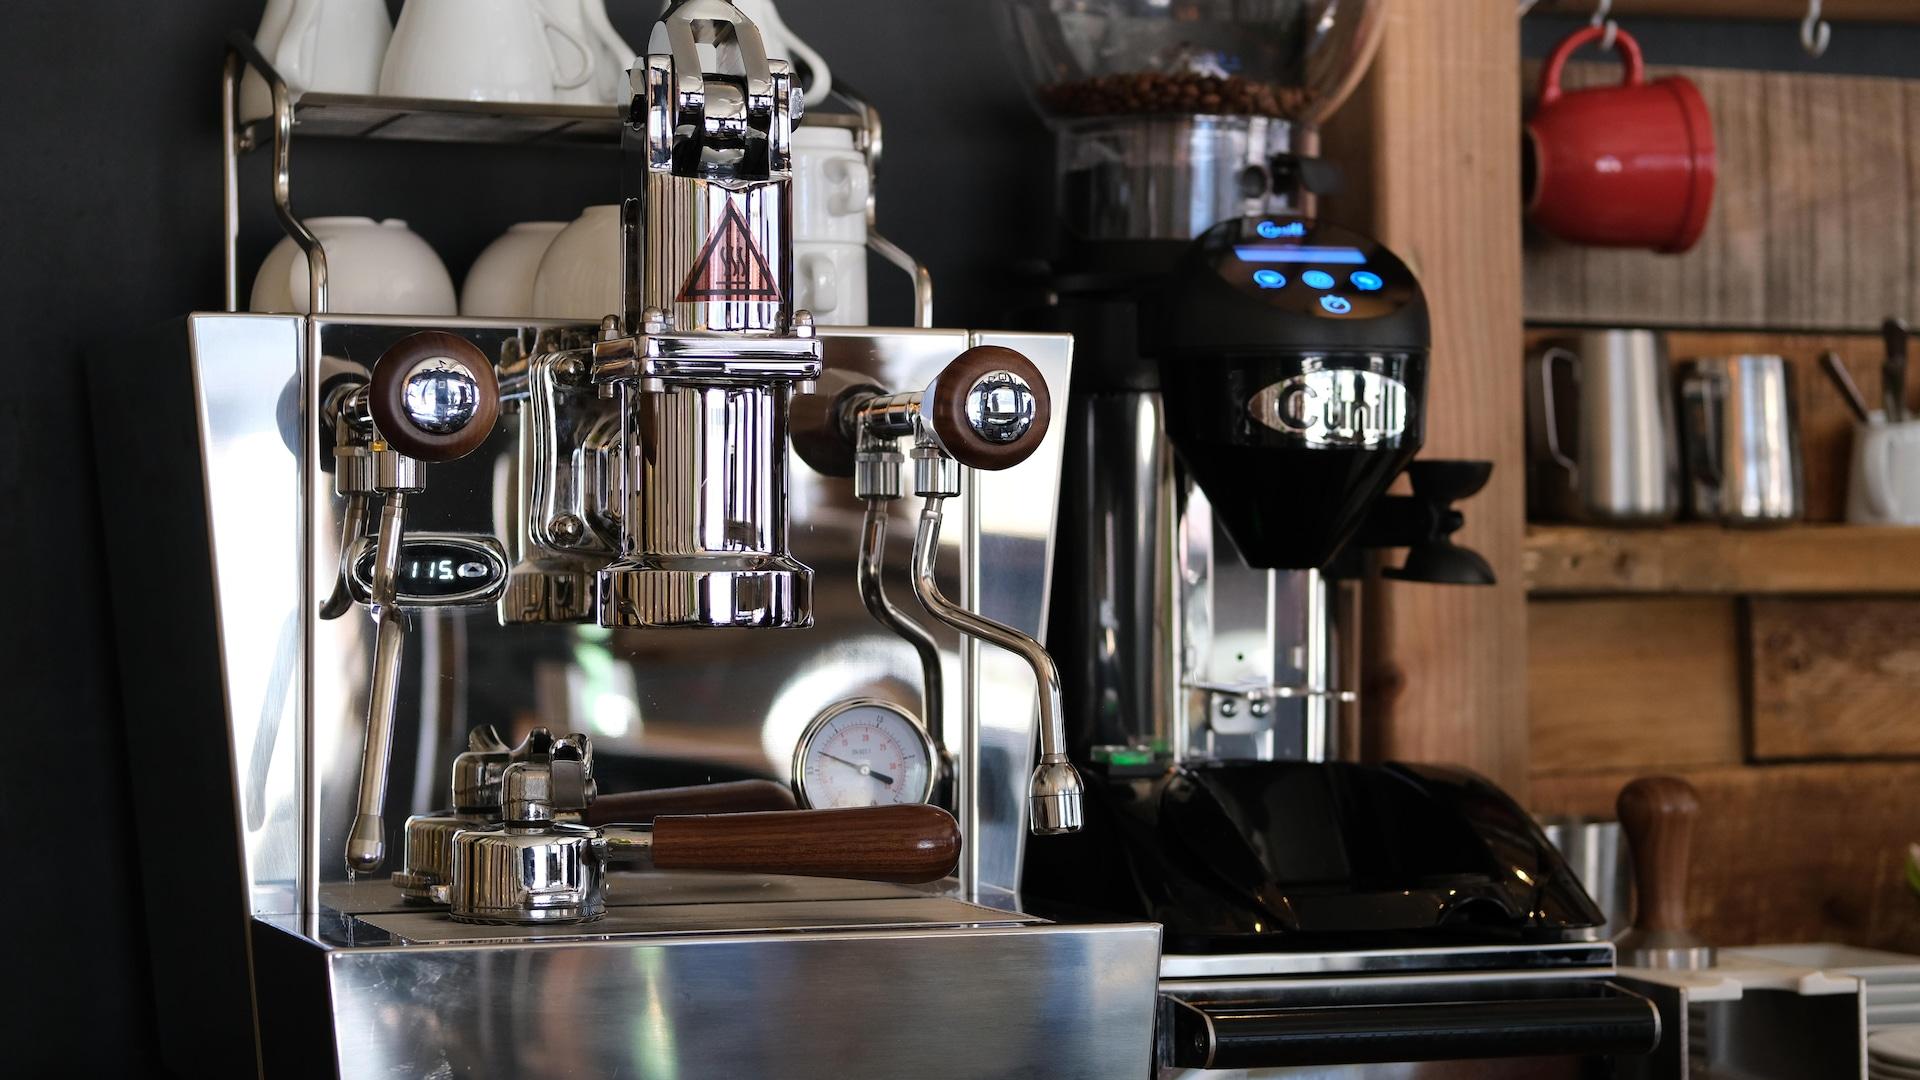 La machine à café de marque Izzo Valexia Leva permet aux propriétaires d'offrir un café de tradition napolitaine en plein cœur de Limoilou.